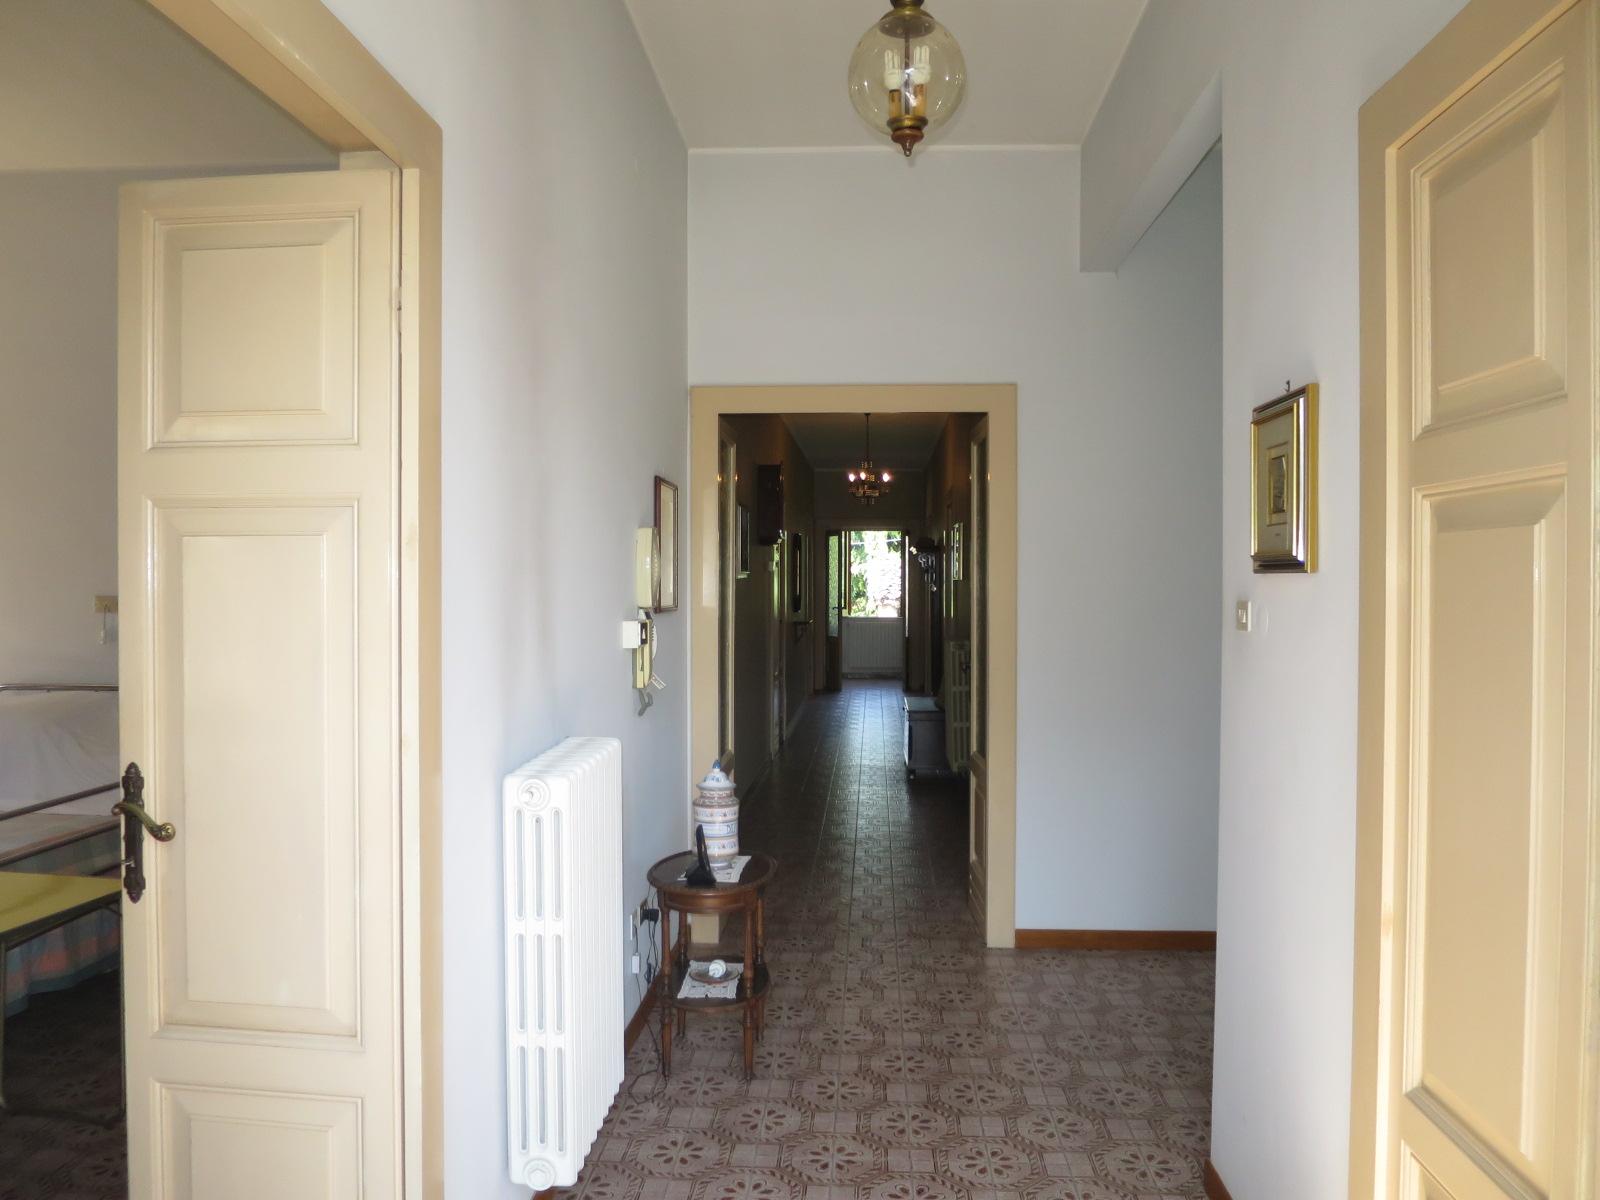 Villa Villa for sale Roseto degli Abruzzi (TE), Villa del Marinaio - Roseto degli Abruzzi - EUR 385.559 620